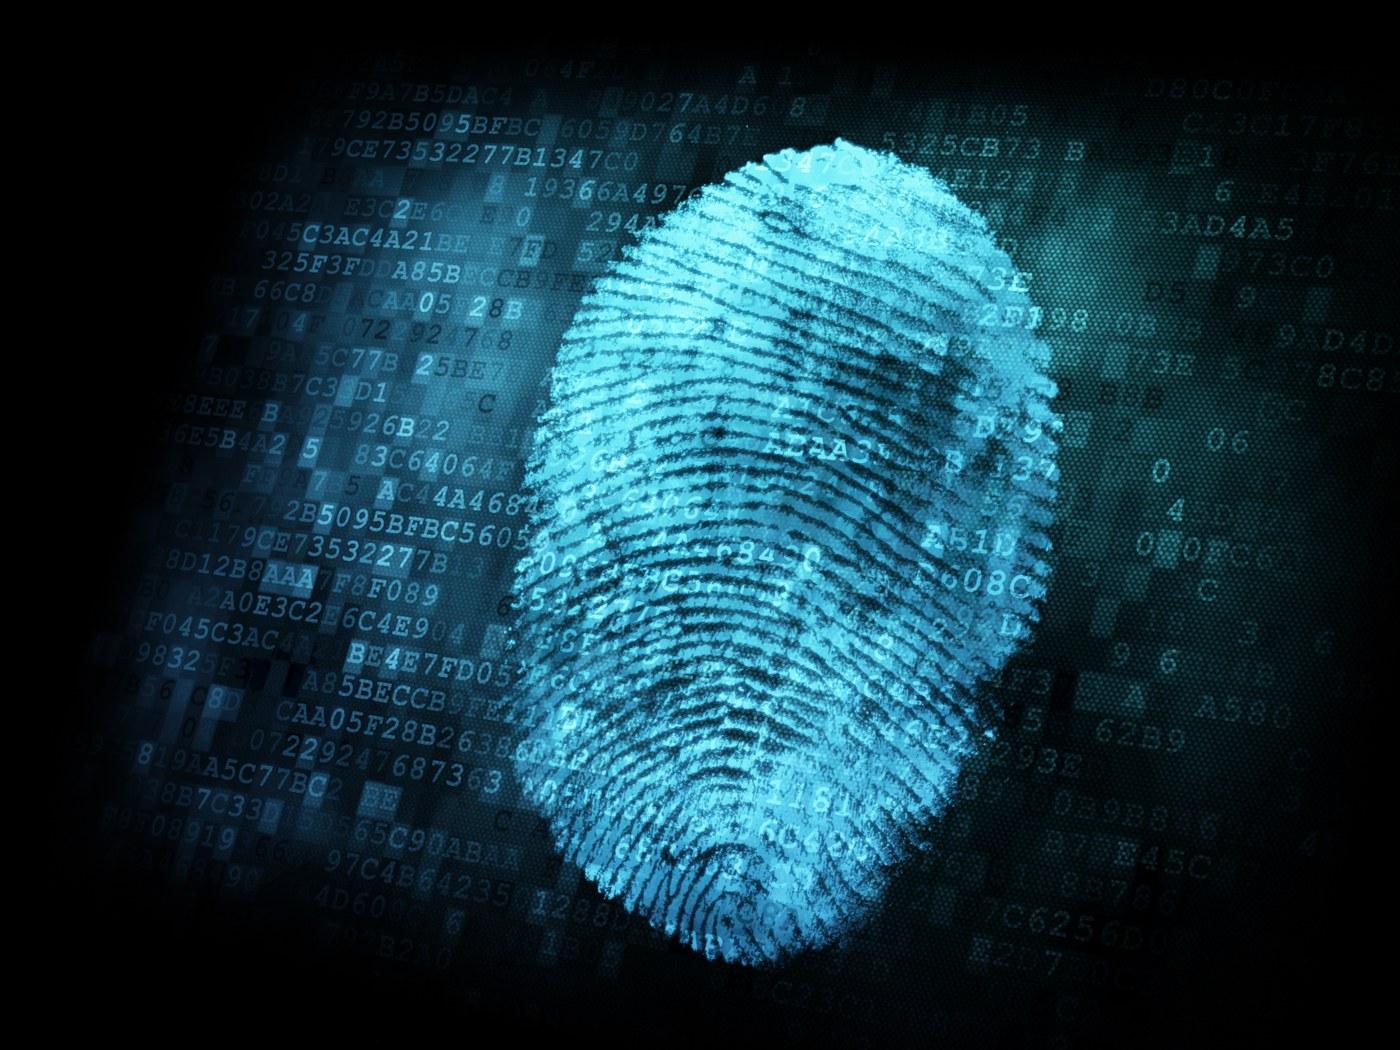 Rastreo Transacciones Blockchain Crimen Cibernetico